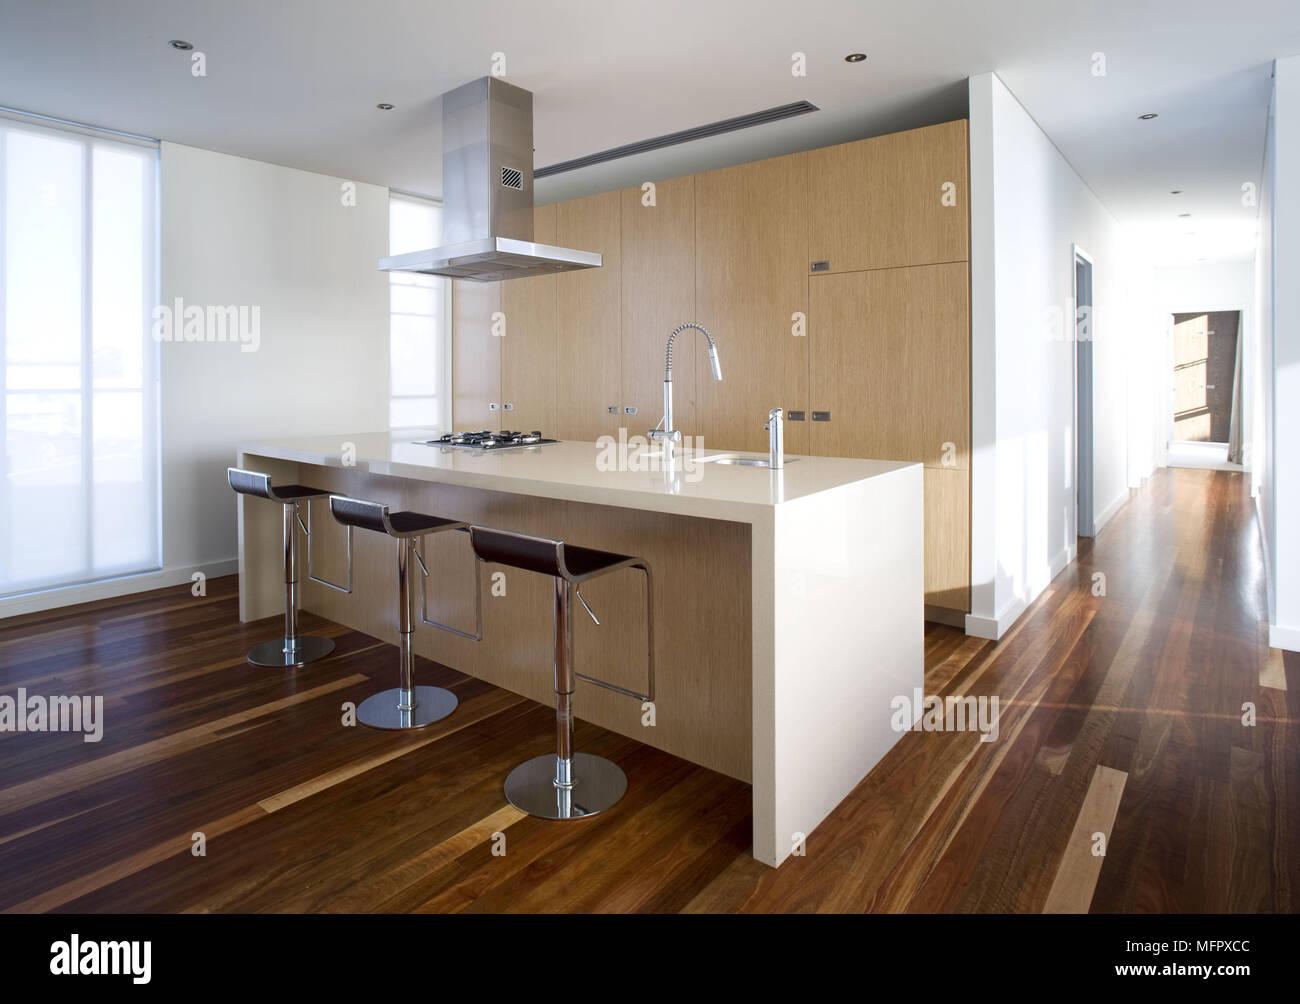 Ungewöhnlich Dreammaker Bad Küche Bilder - Ideen Für Die Küche ...